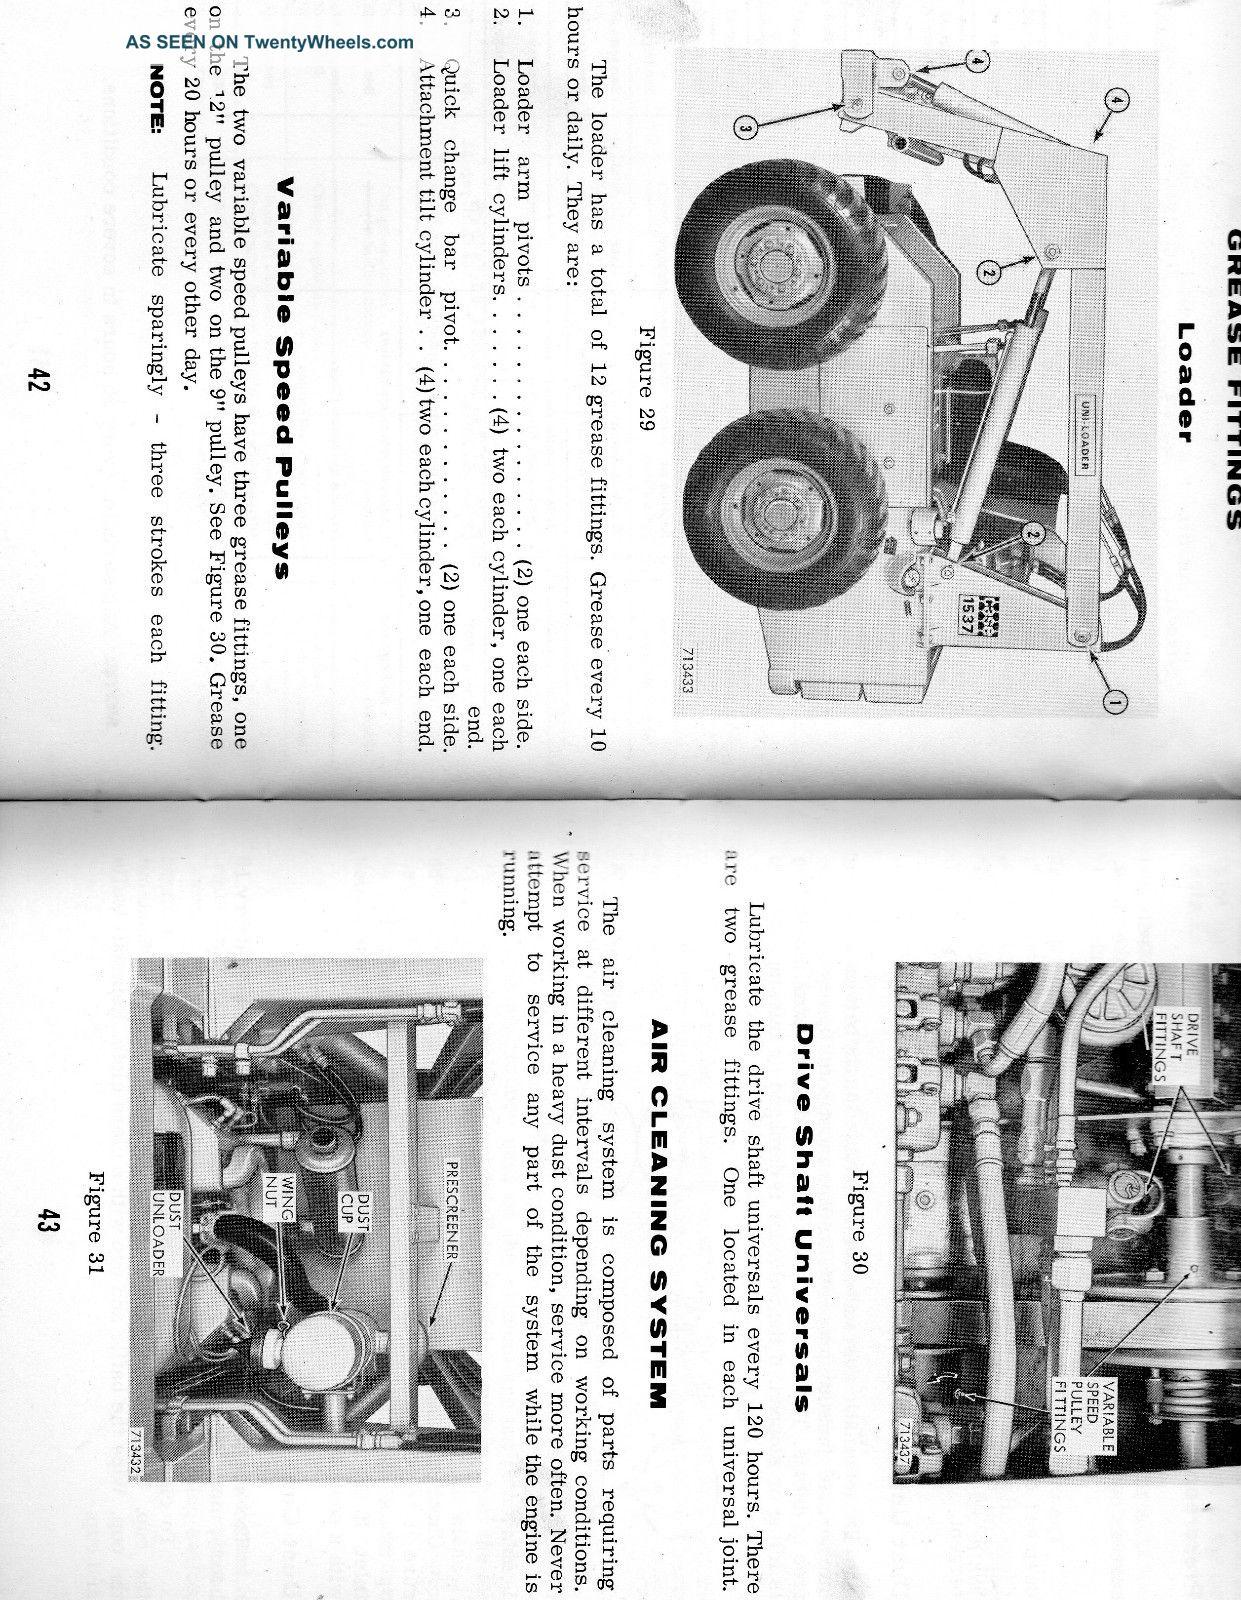 Case Uniloader Skid Steer Skidsteer Gas Wisconsin V Engine Wmanuals Lgw on Wisconsin V4 Engine Specs